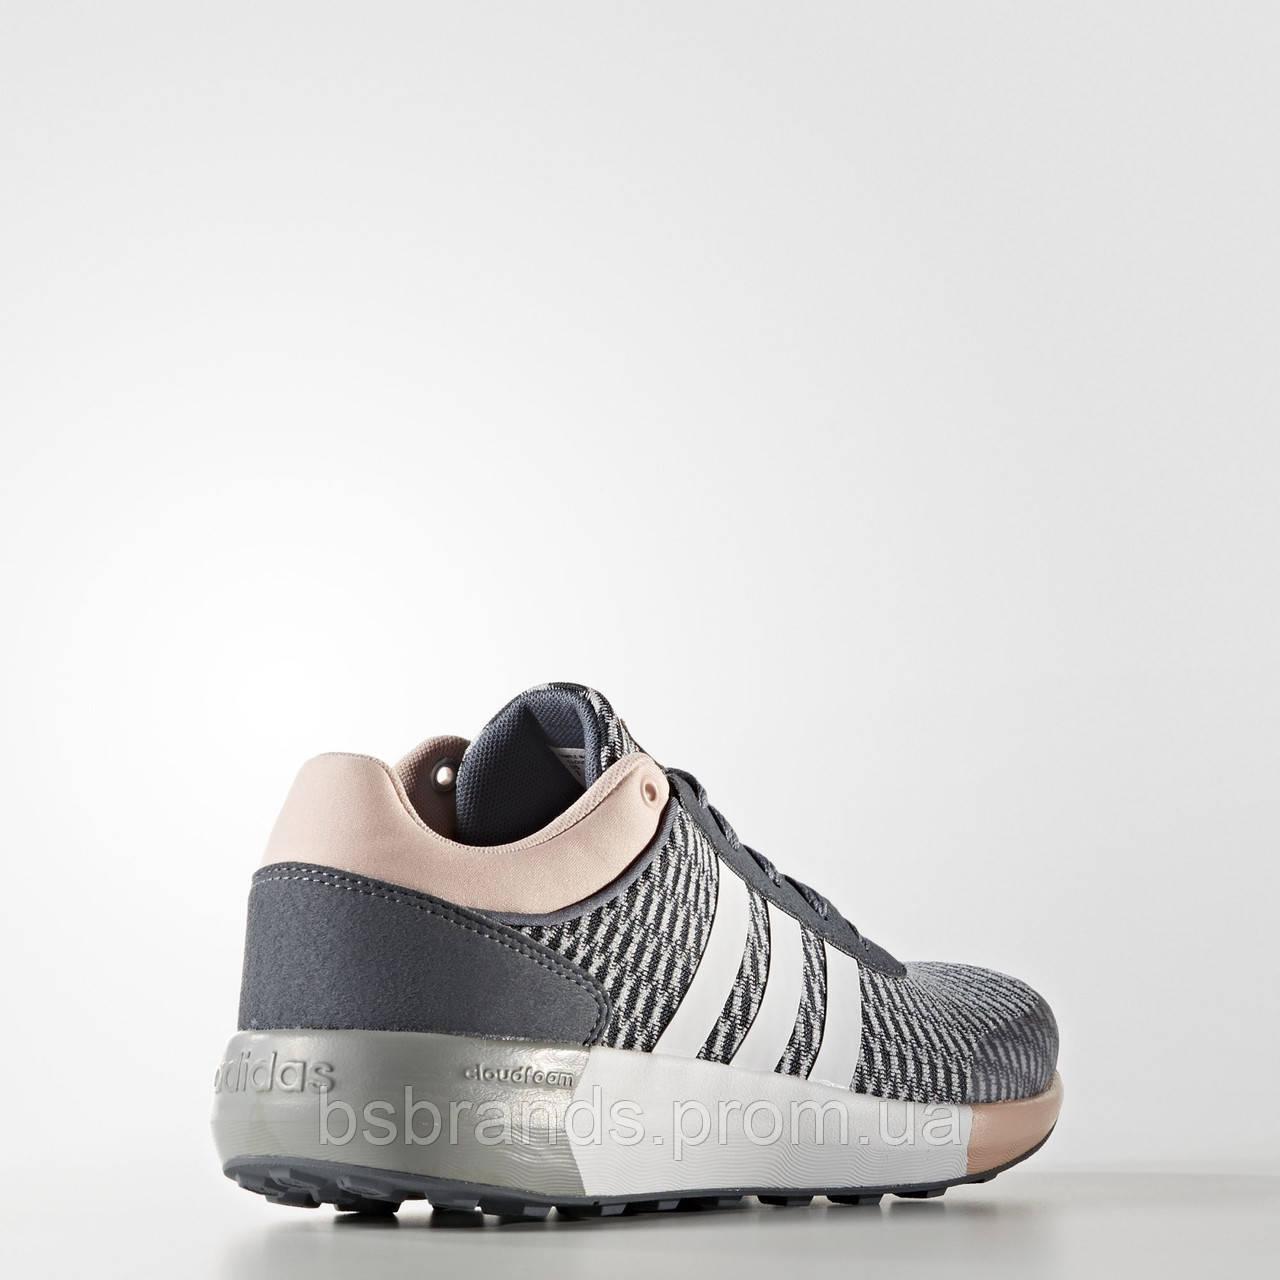 Кросівки жіночі adidas Cloudfoam Race W (АРТИКУЛ:AW5287)